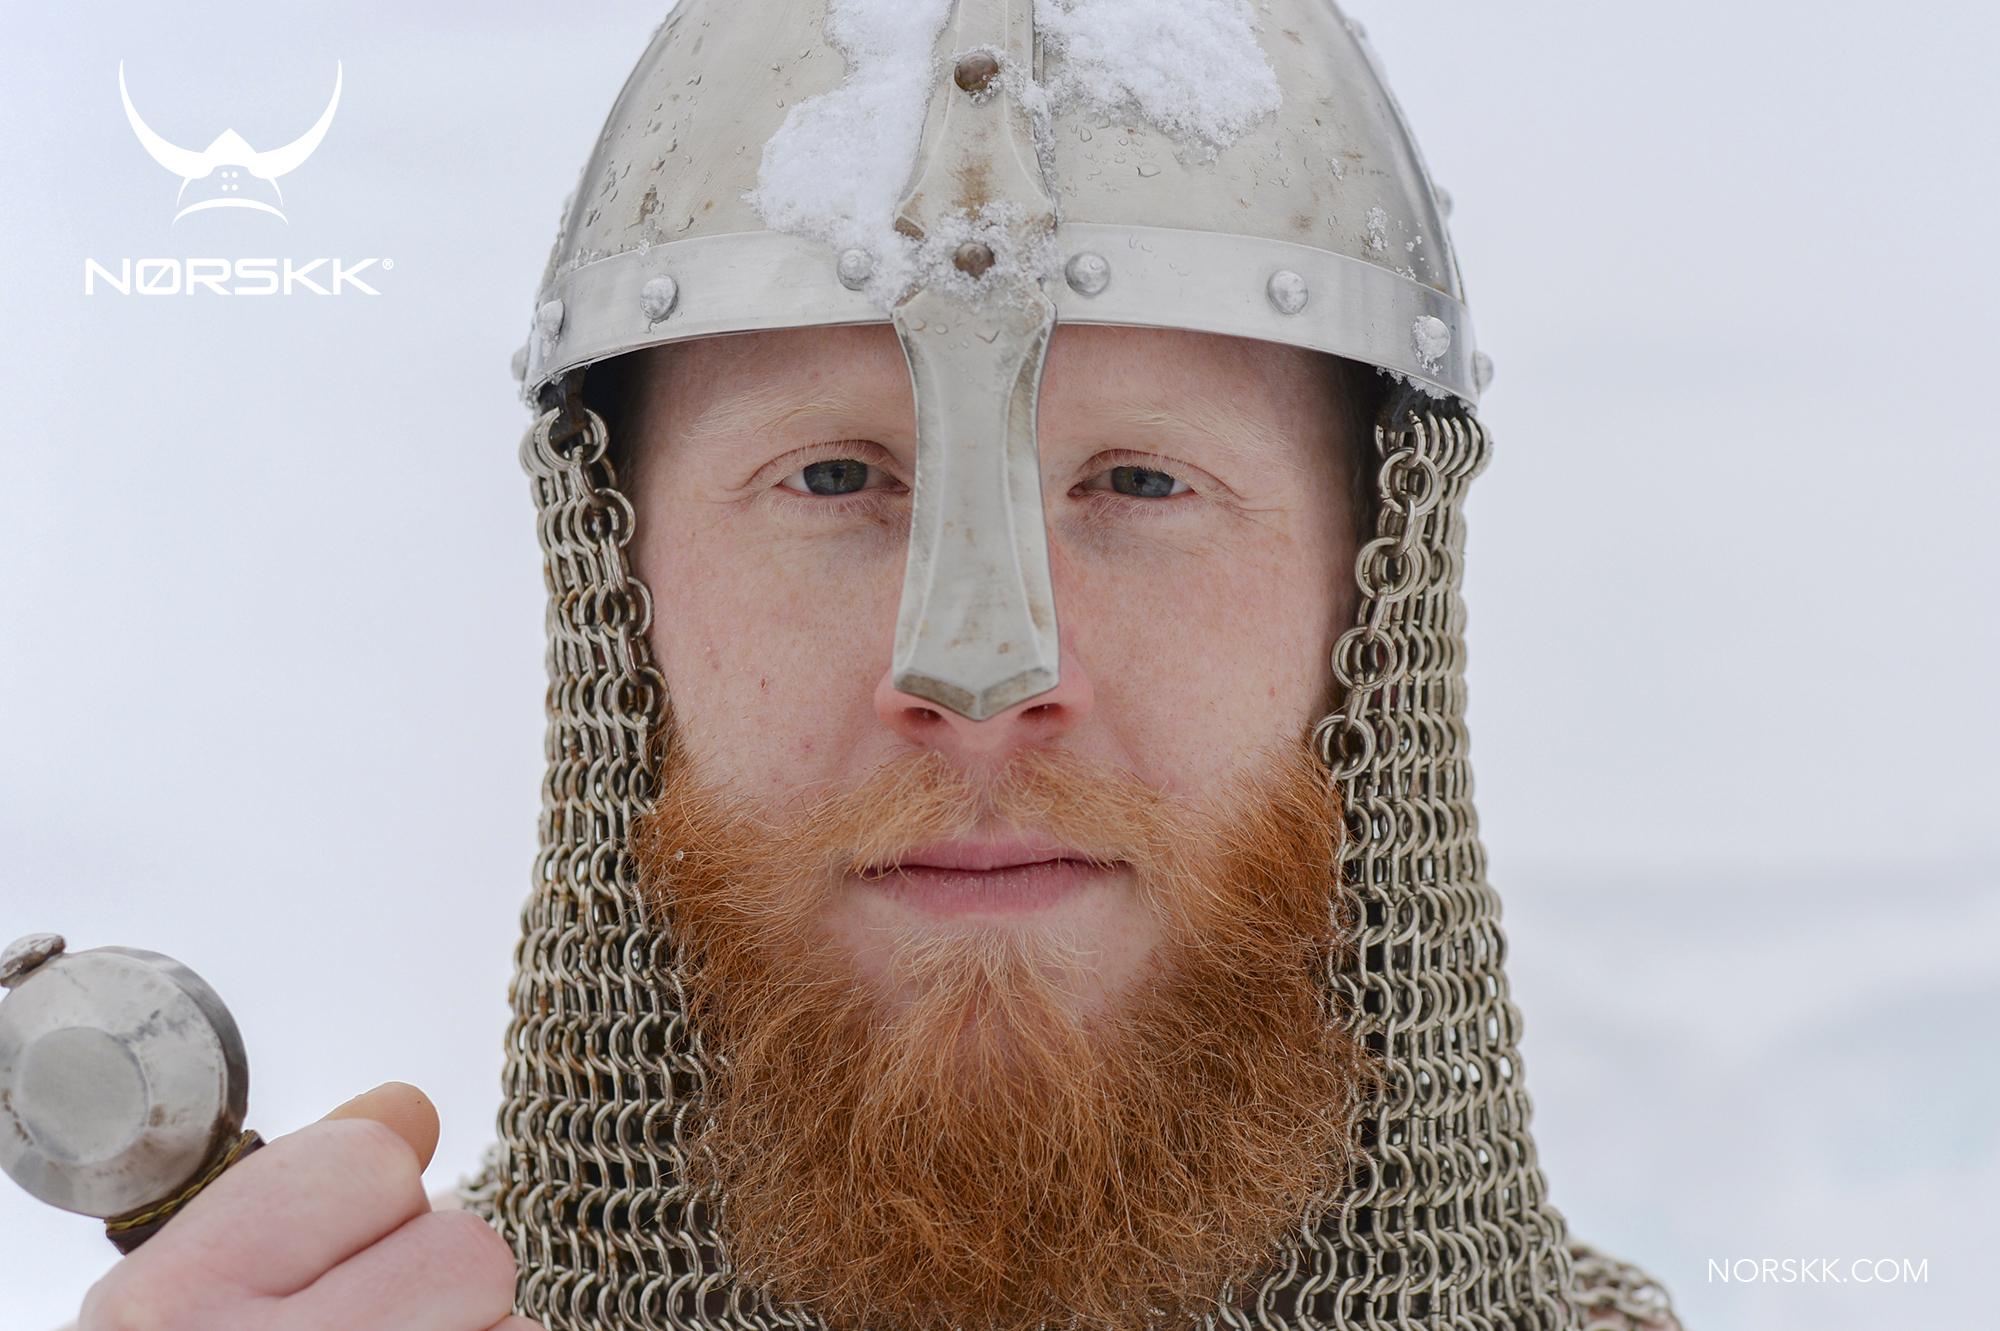 viking_snow_helmet1.jpg